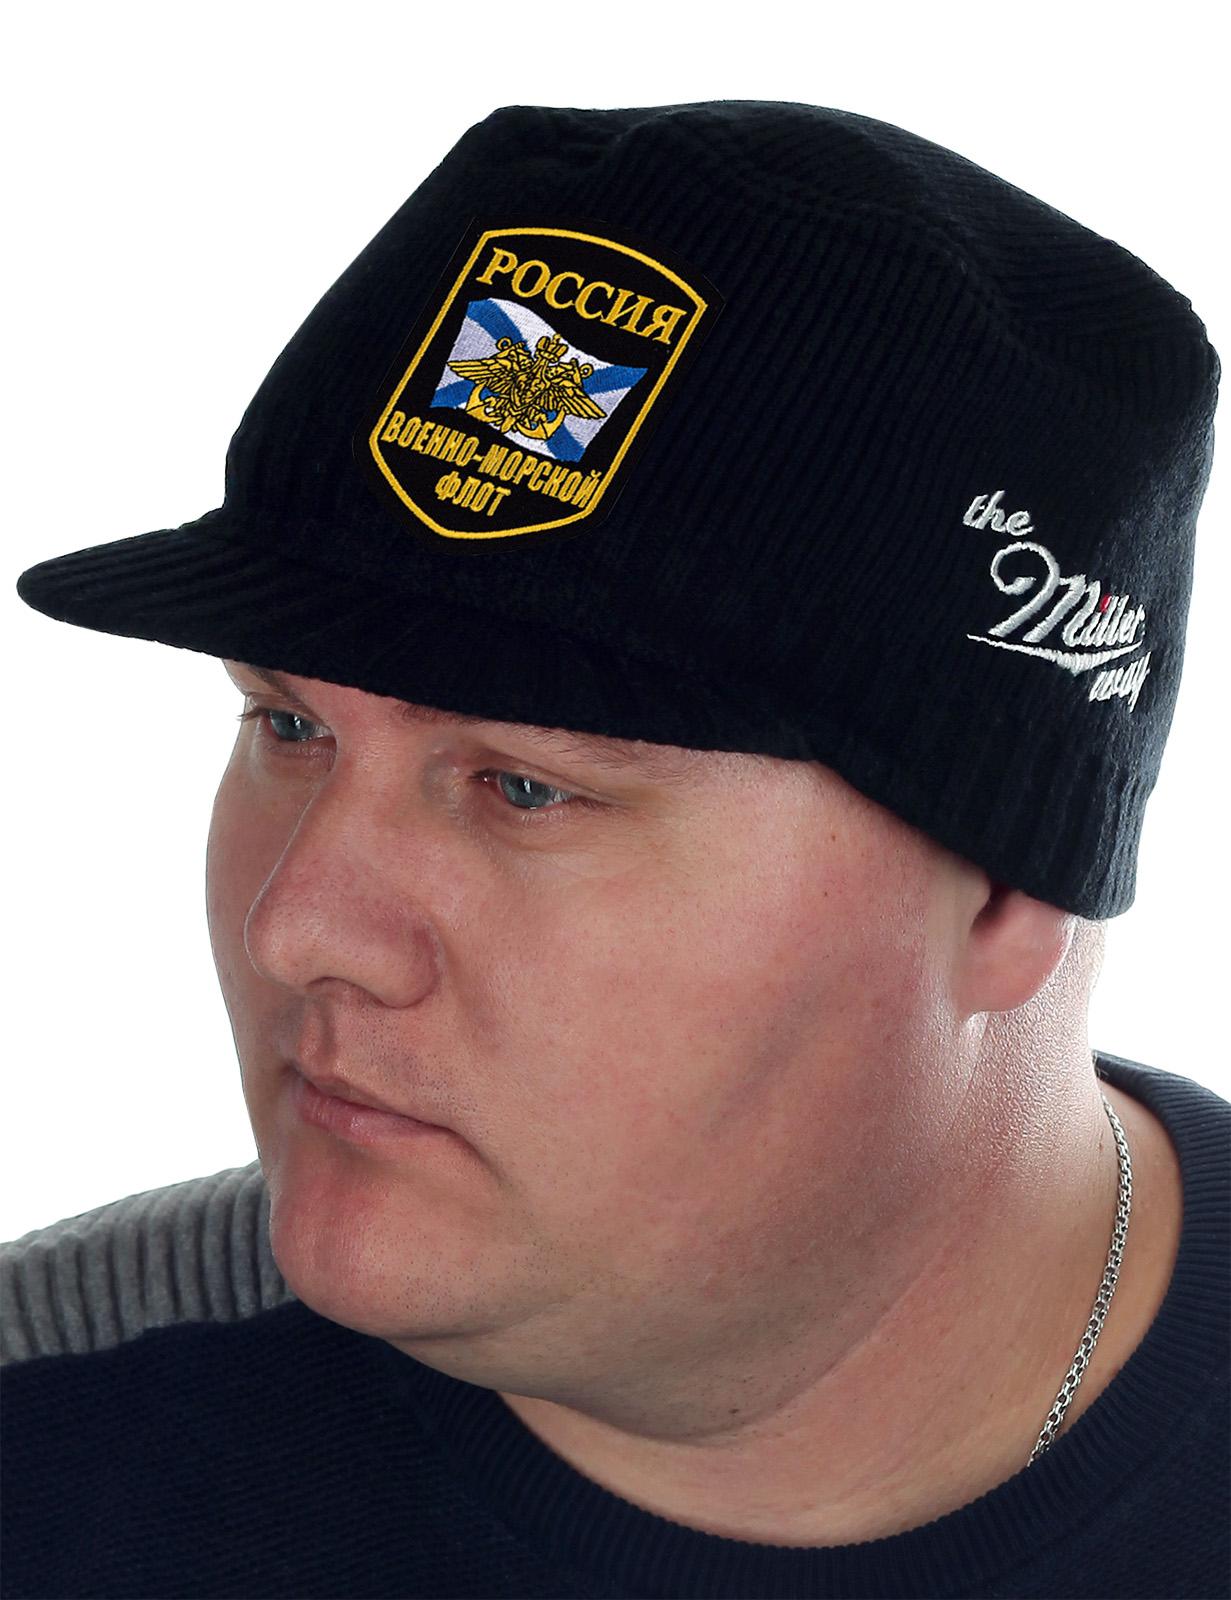 Мужская шапка Miller Way с нашивкой «ВМФ России». Удобно надевать и снимать. Хорошо держит форму, даже если хранить в рукаве куртки. Одевайся тепло и стильно